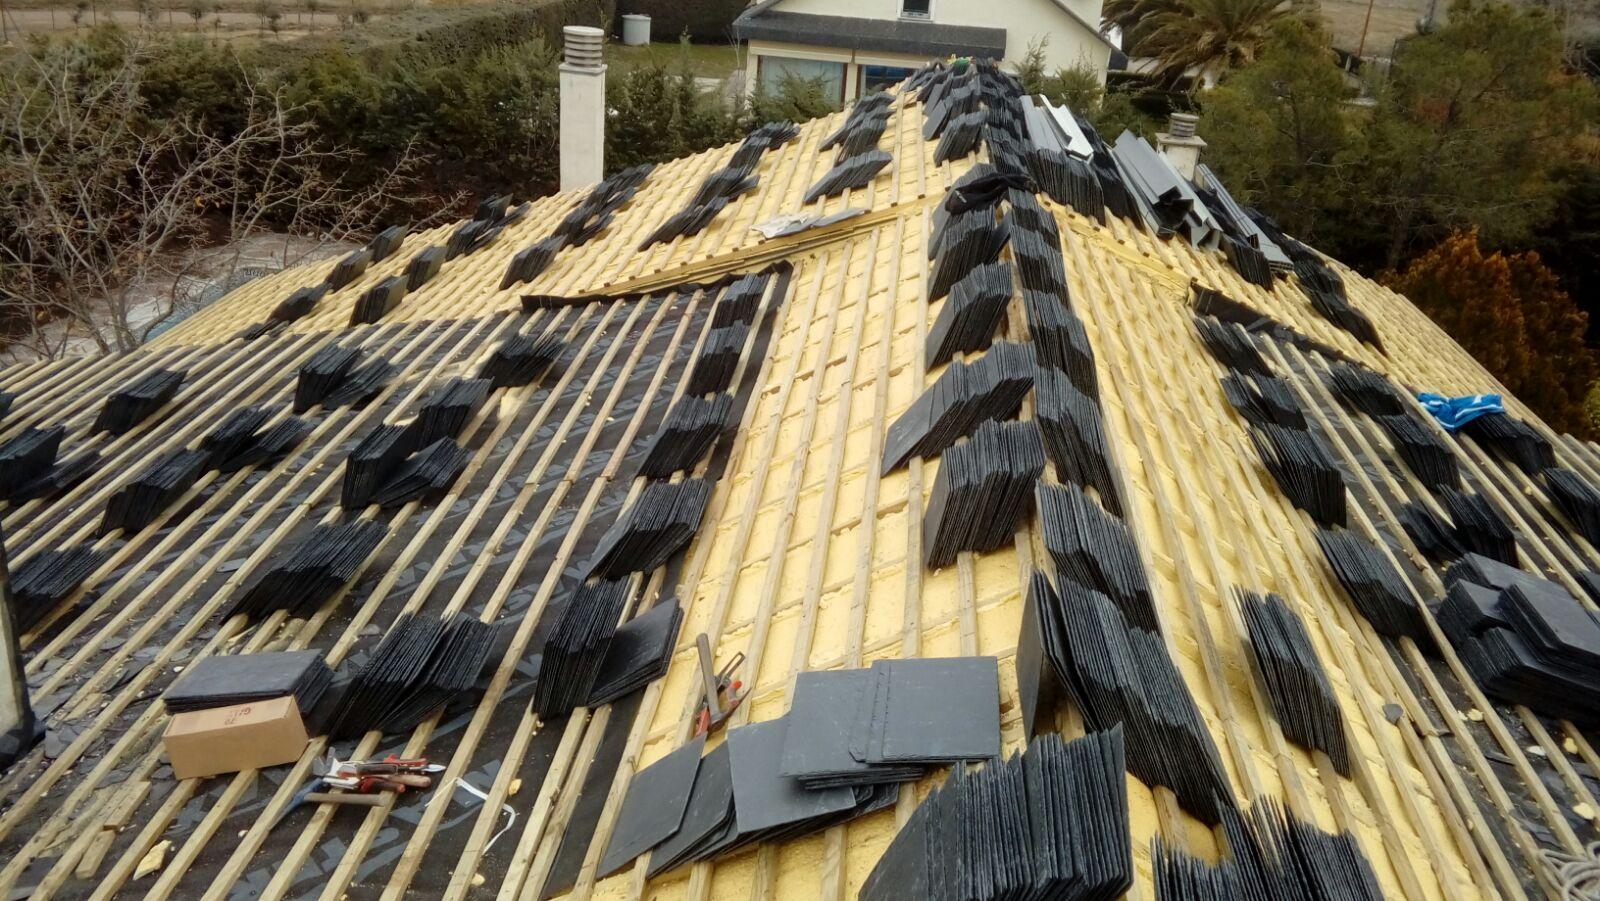 Reparaci n de tejados de pizarra en brunete andr s ramos - Tejados de pizarra ...